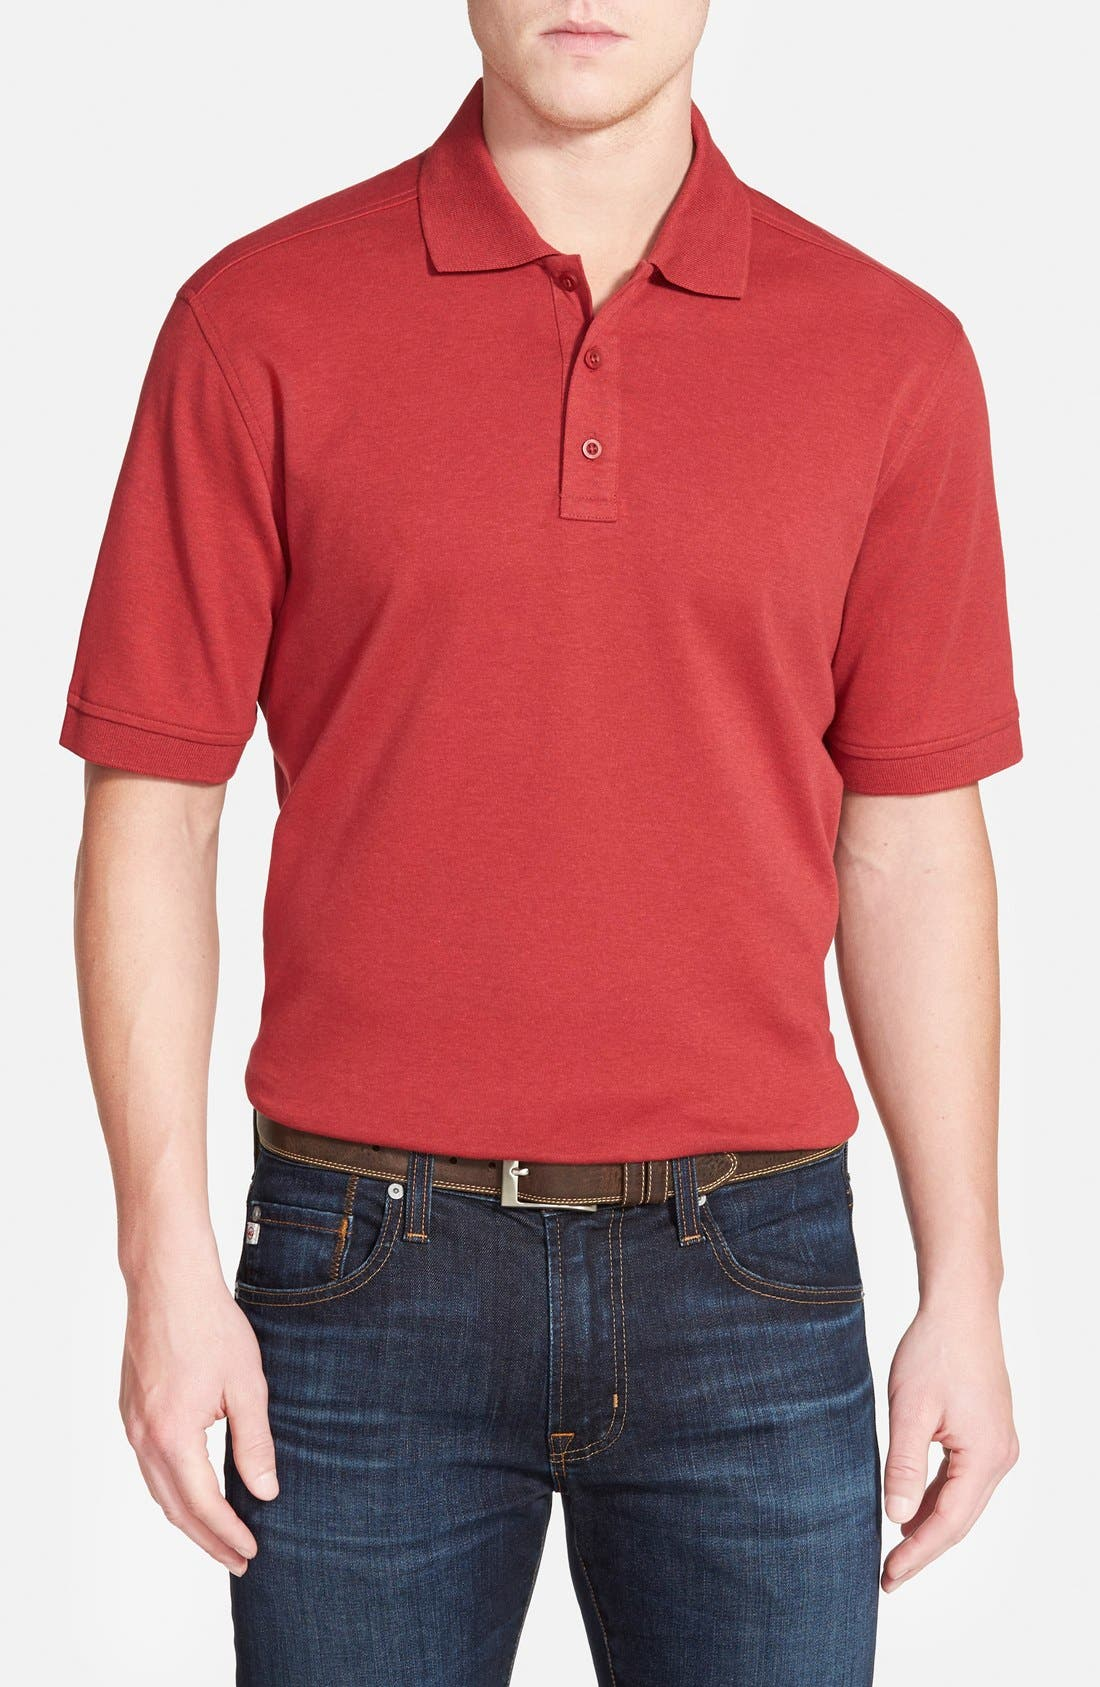 Nordstrom Men's Shop Regular Fit Interlock Knit Polo